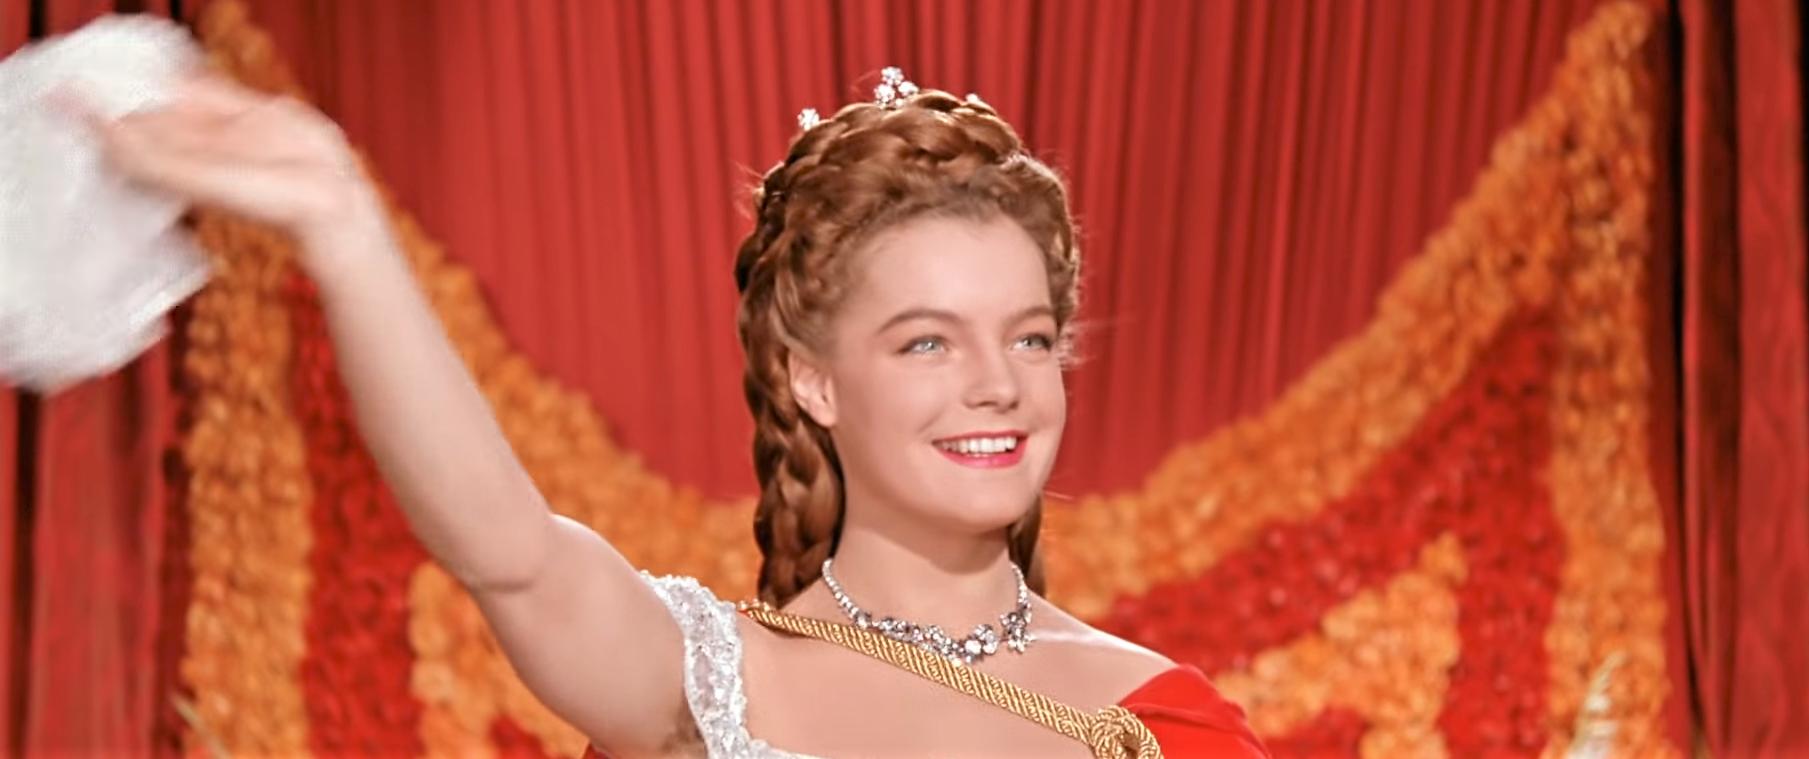 Sissi, Romy Schneider, movie, Empress, Hungary, Queen